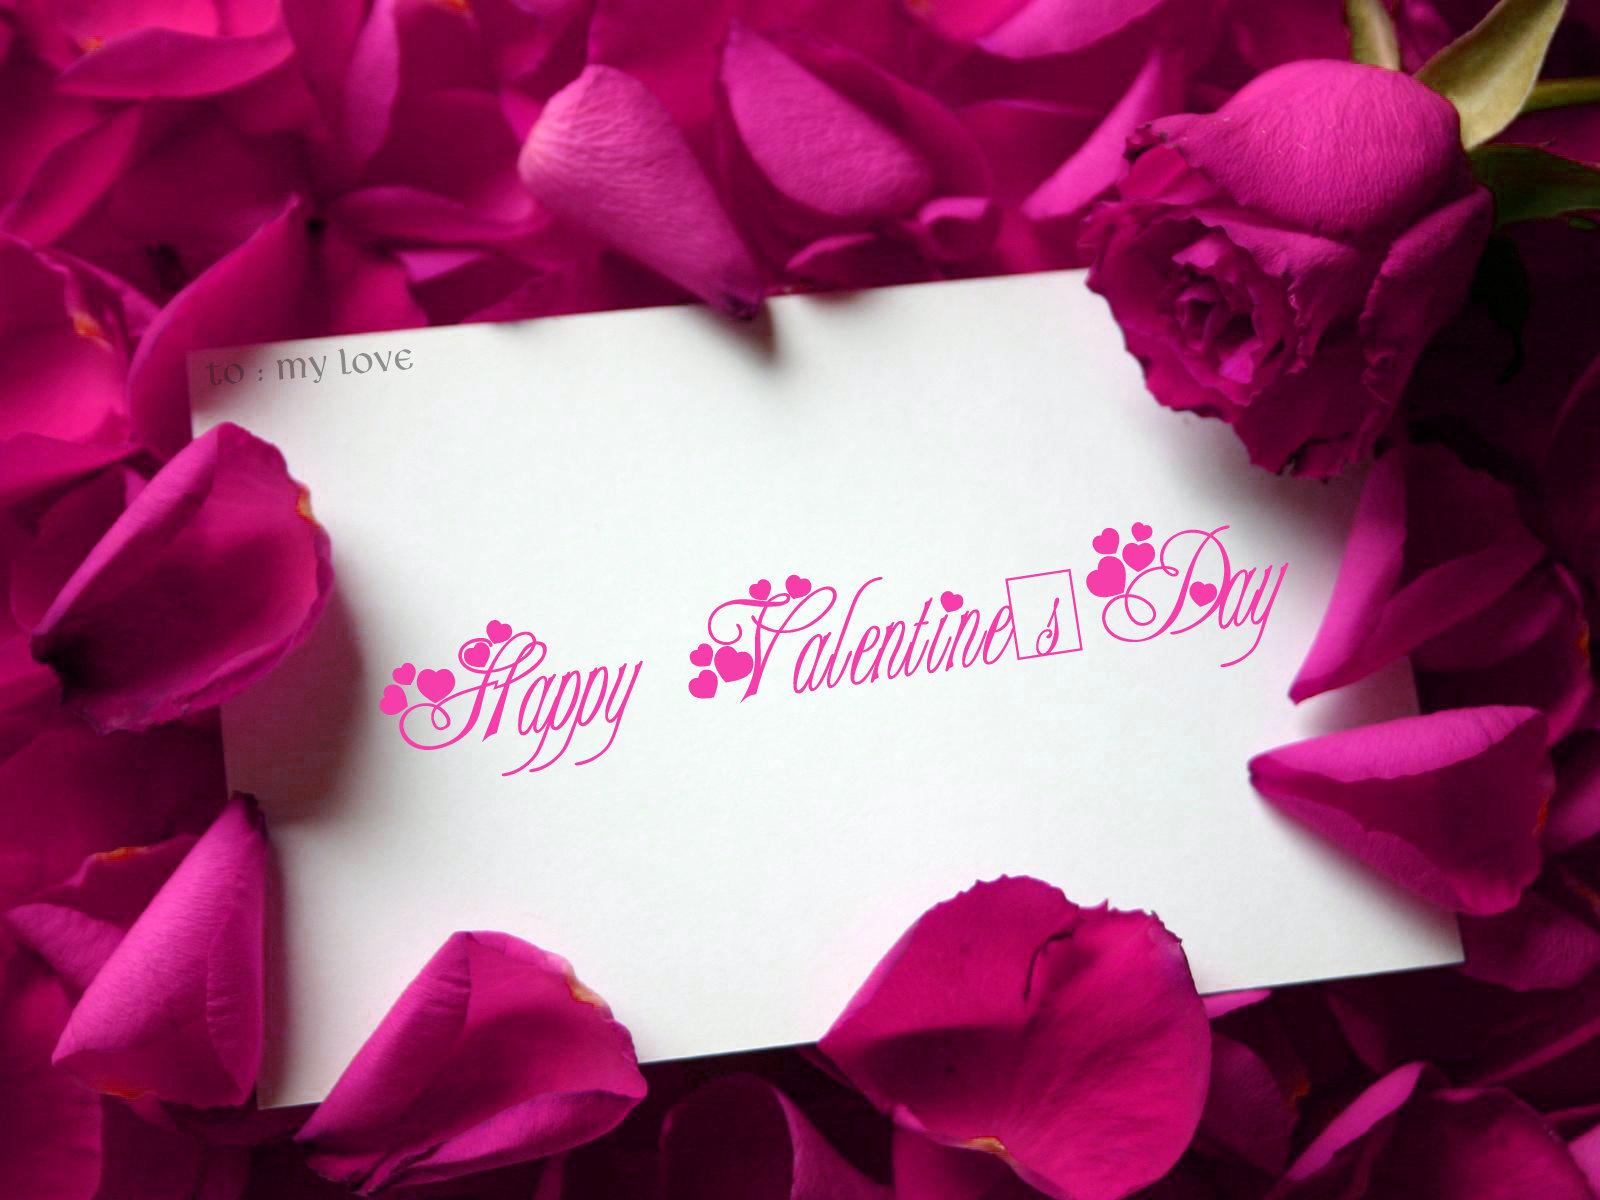 بالصور بطاقات حب , بطاقات التهانى و اجملهم بالحب 251 6